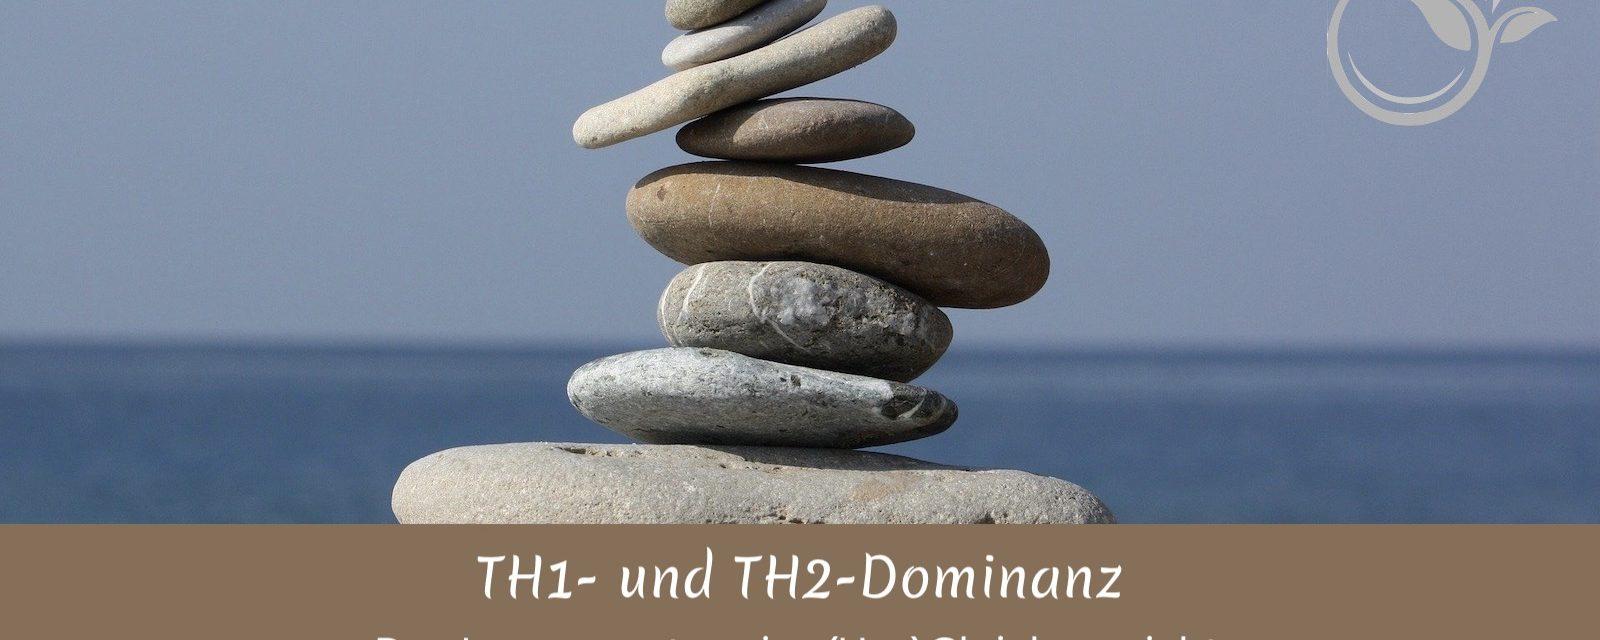 TH1- und TH2-Dominanz – das Immunsystem im (Un-)Gleichgewicht